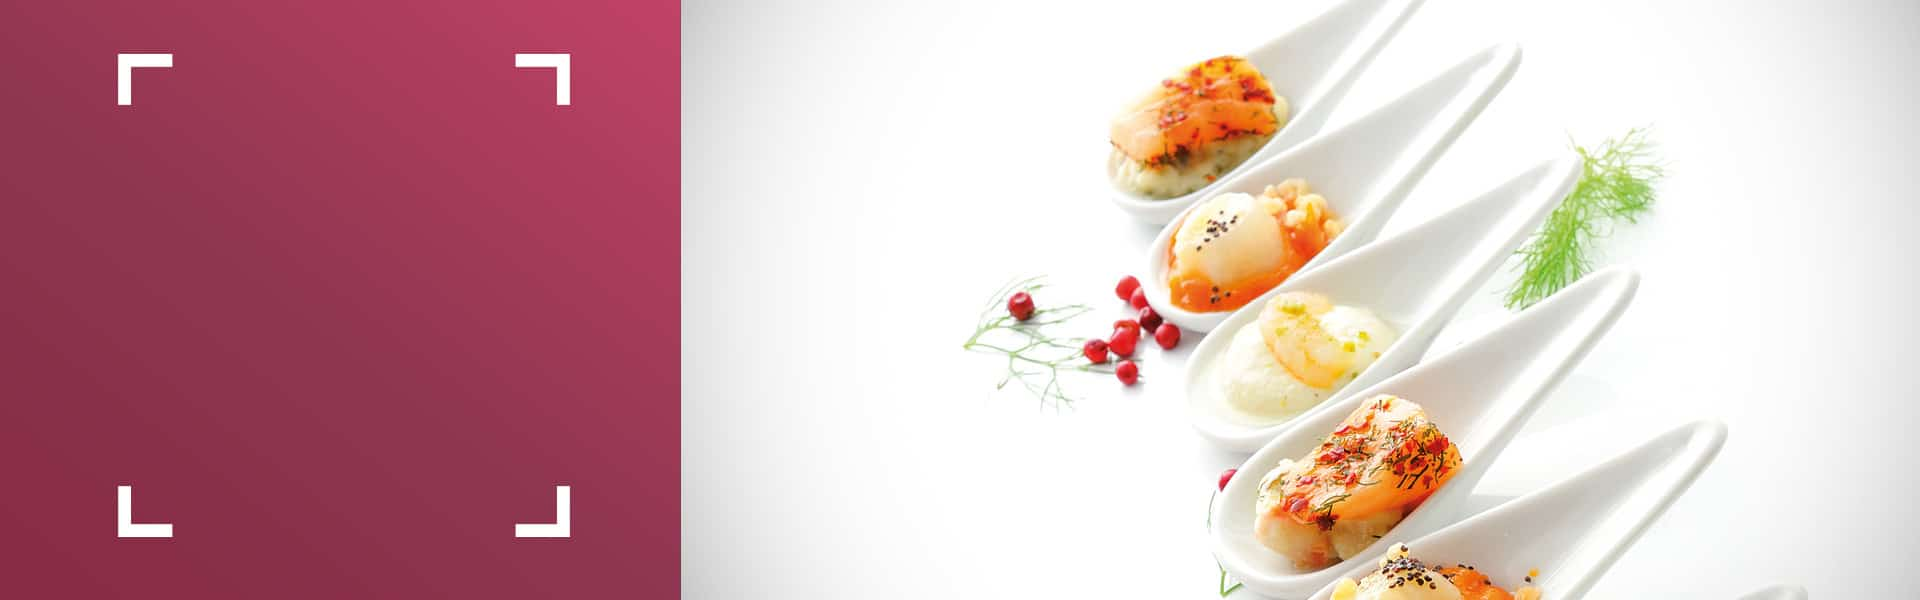 Recette cuisine de l'année 2014 - Comptoir de la mer